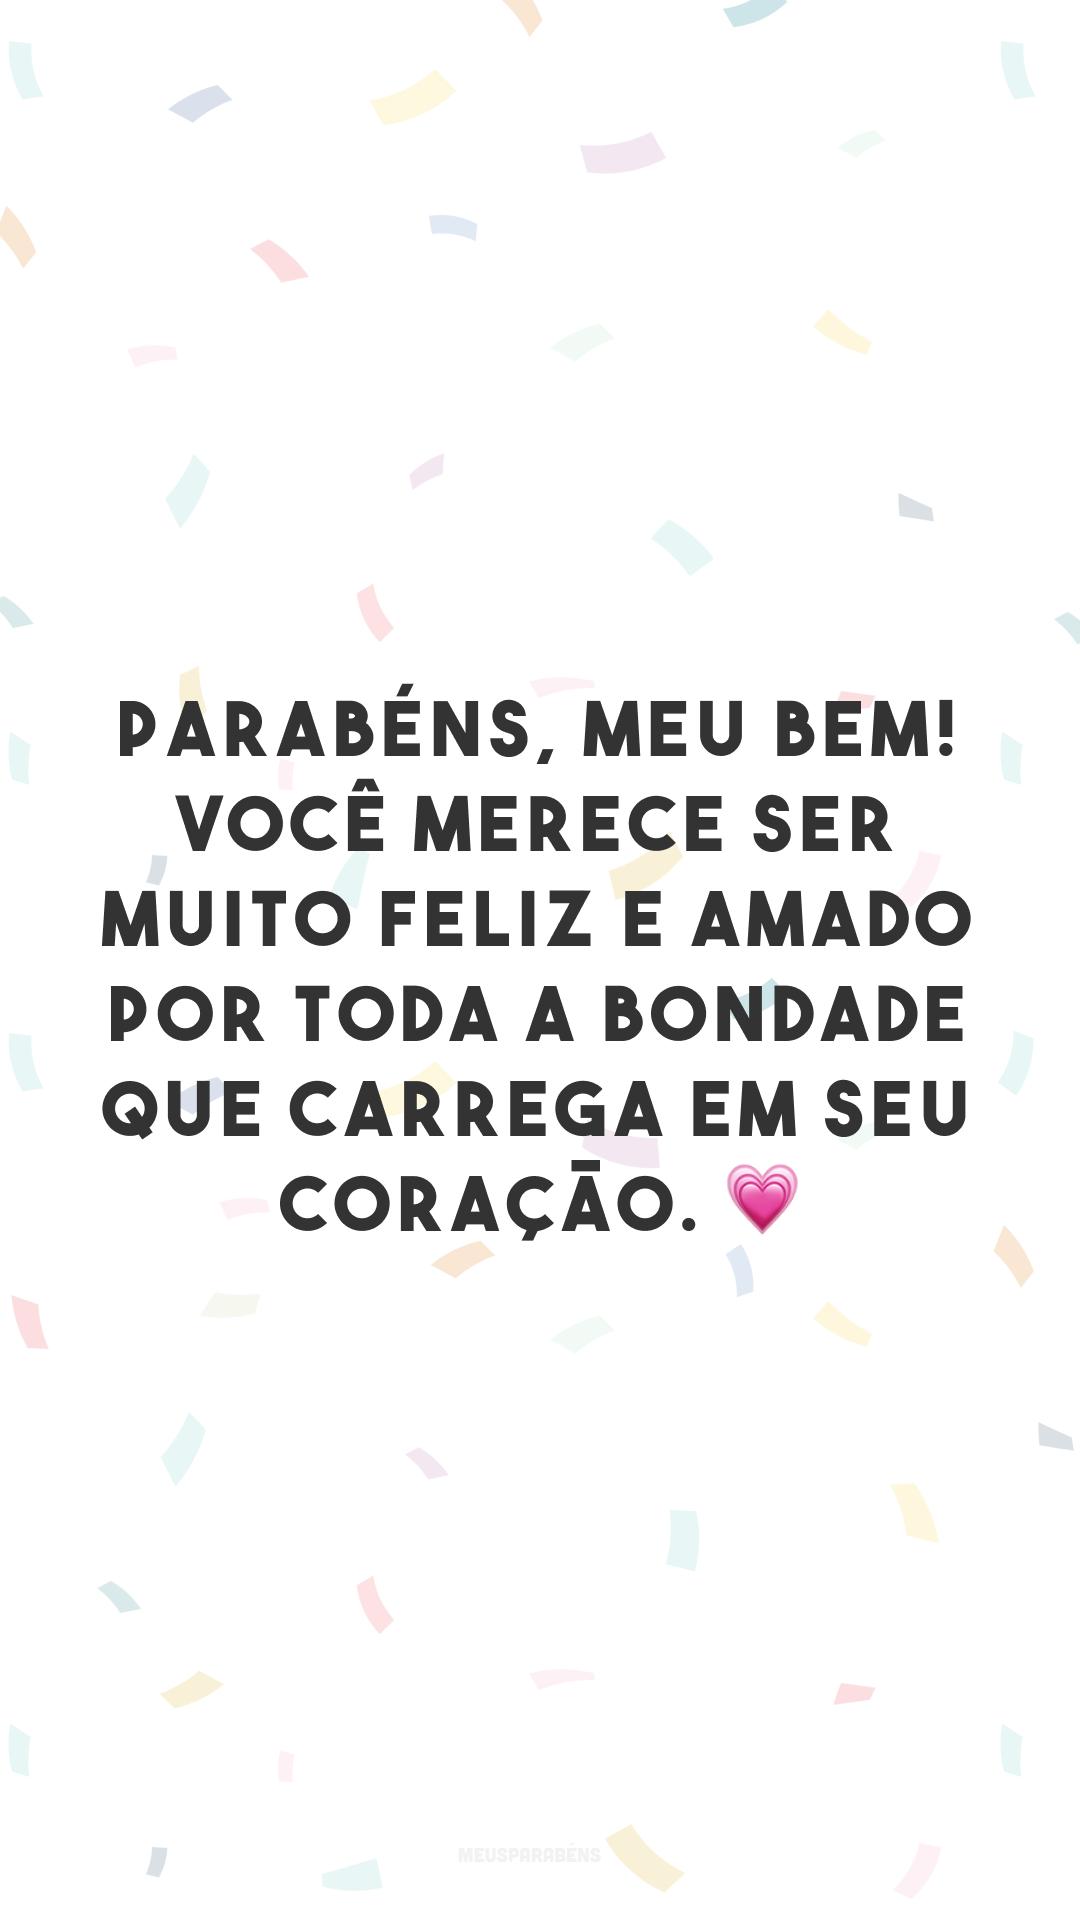 Parabéns, meu bem! Você merece ser muito feliz e amado por toda a bondade que carrega em seu coração. 💗